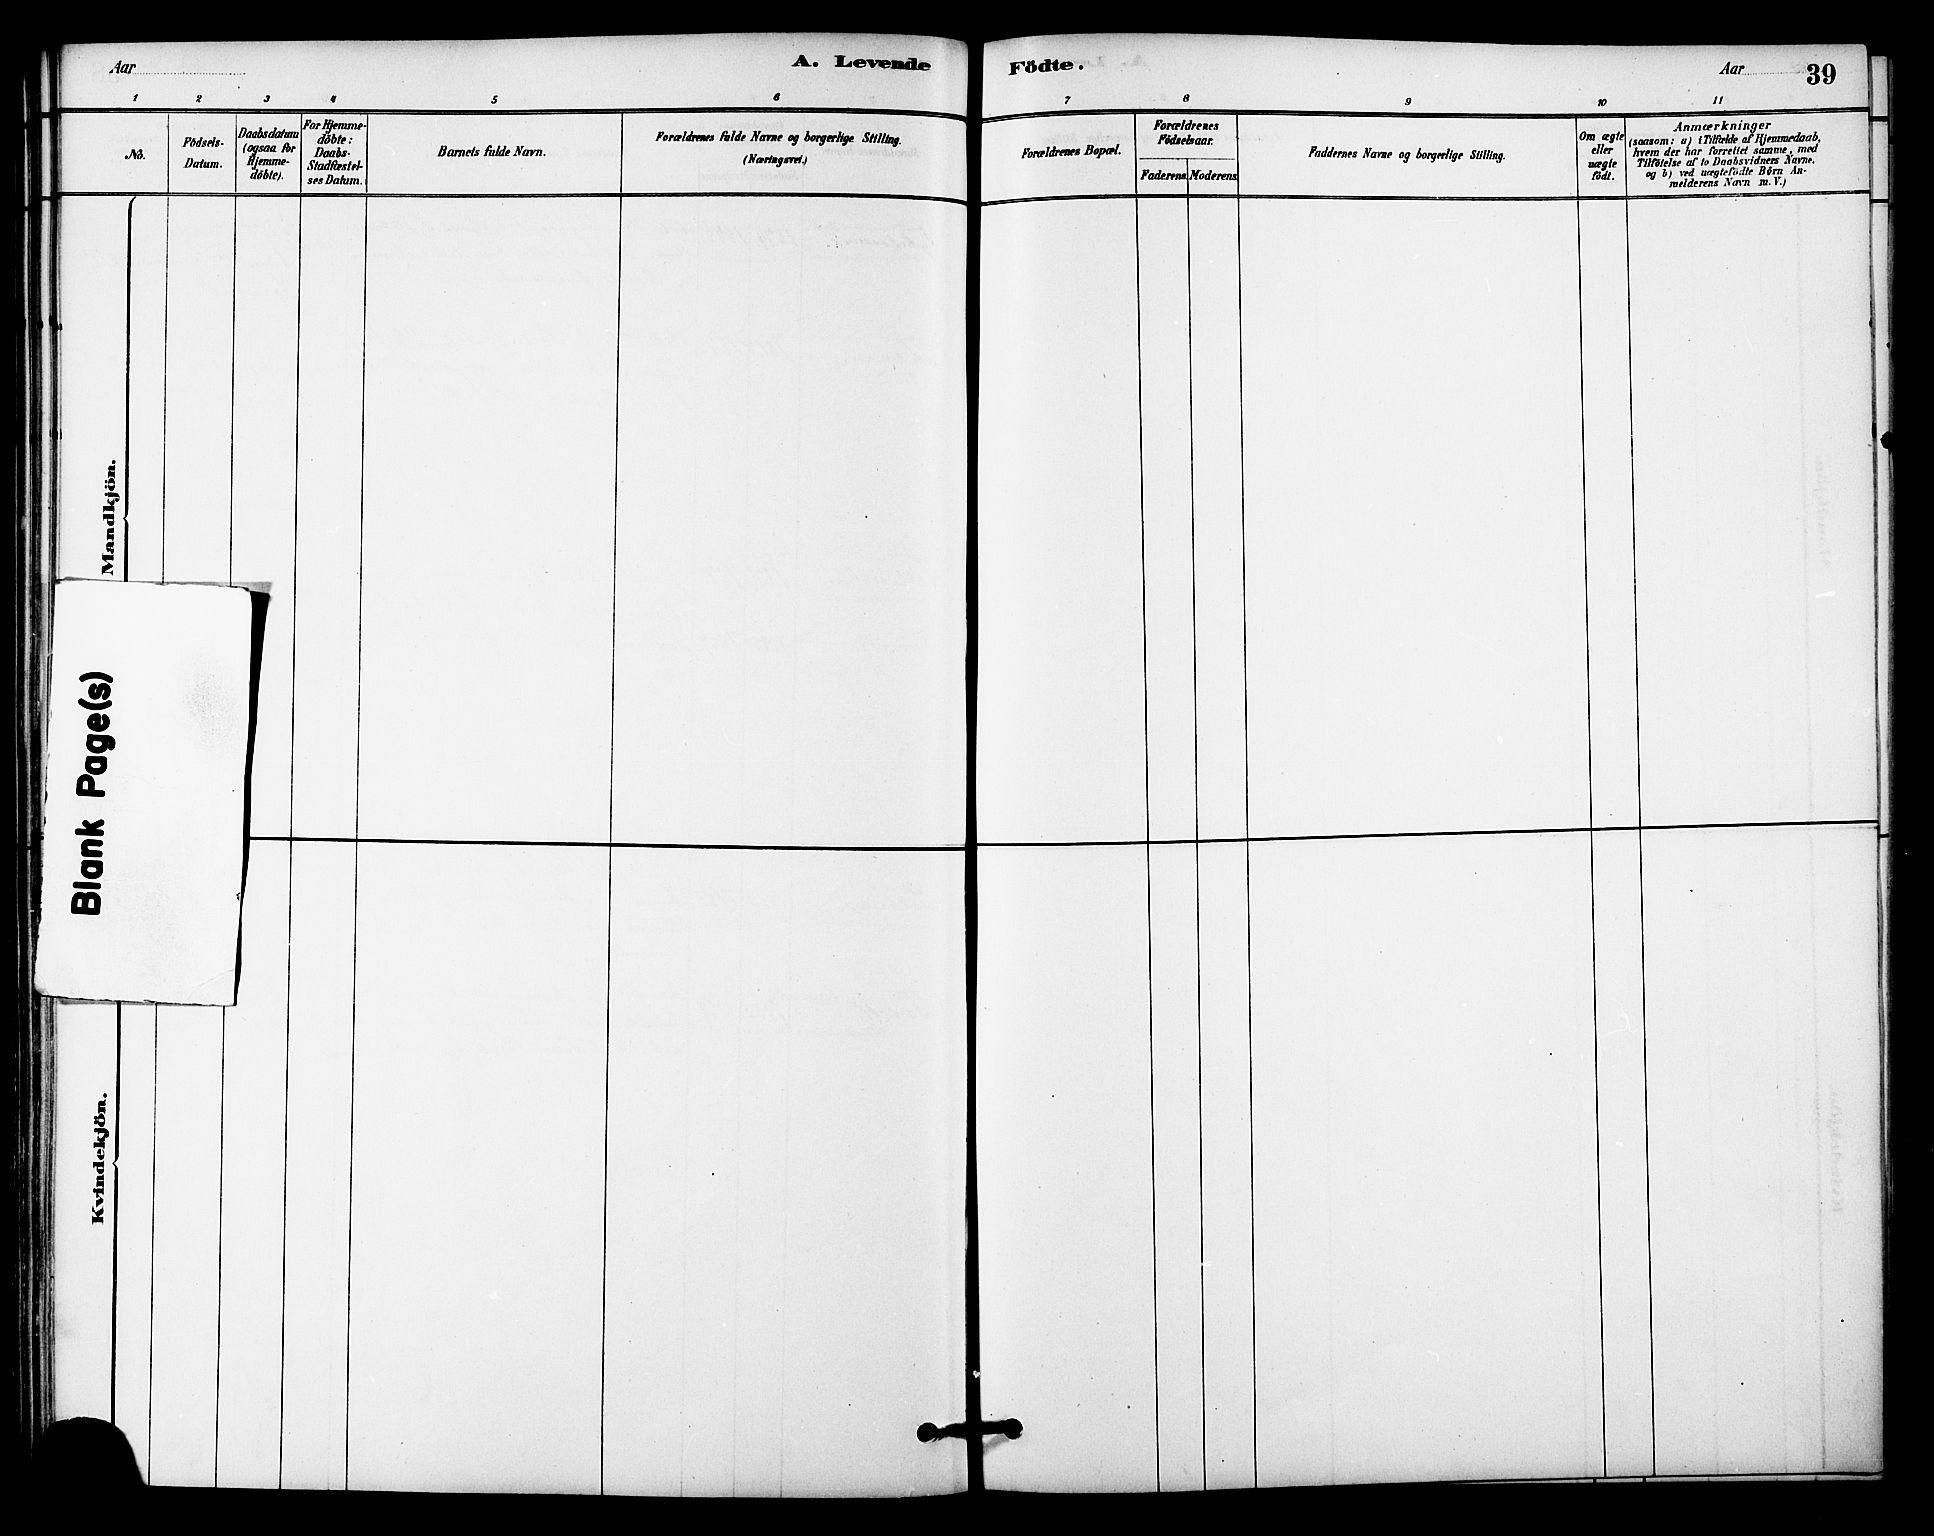 SAT, Ministerialprotokoller, klokkerbøker og fødselsregistre - Sør-Trøndelag, 618/L0444: Ministerialbok nr. 618A07, 1880-1898, s. 39